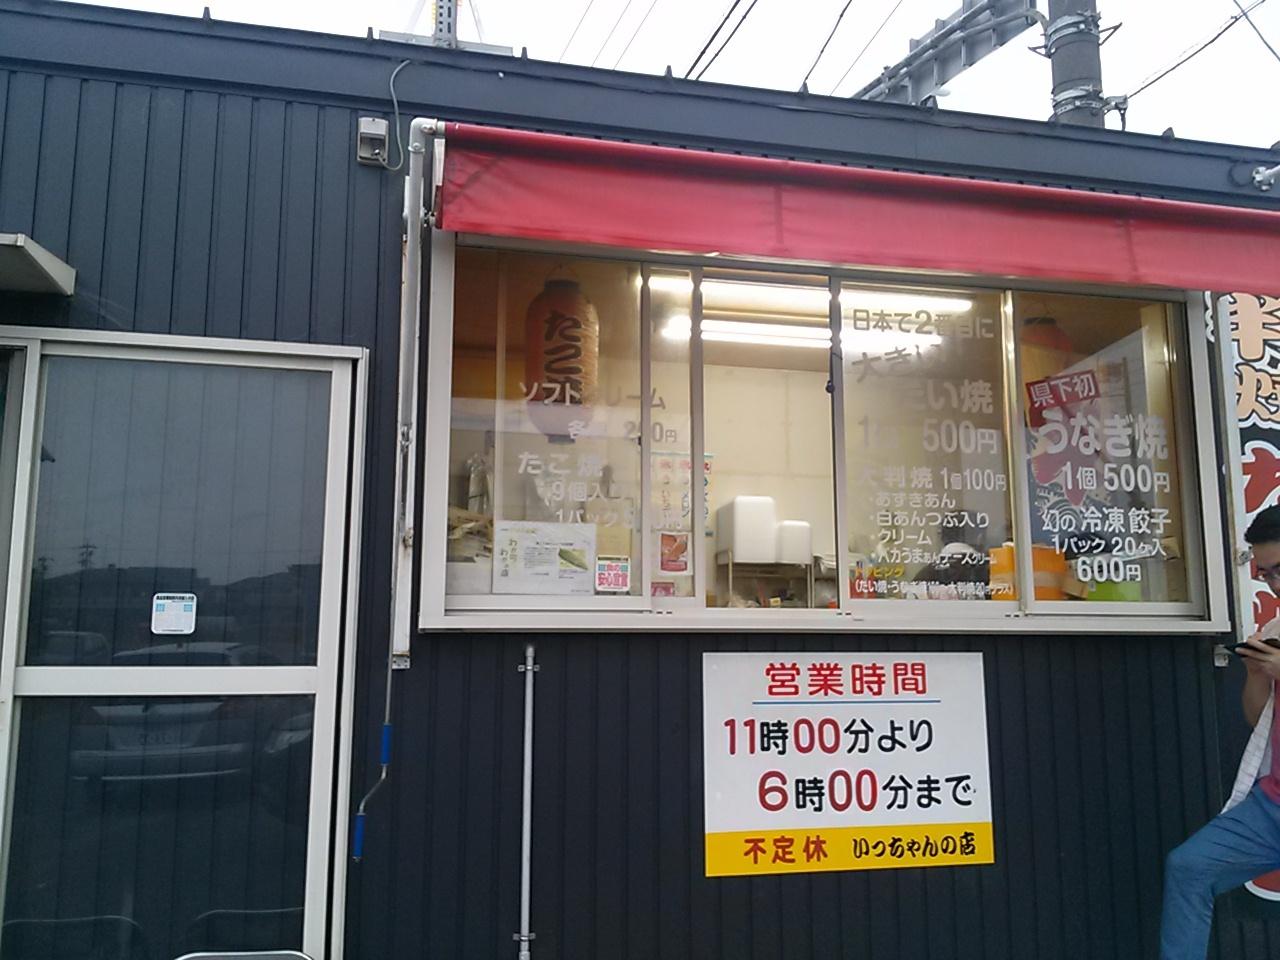 いっちゃんの店